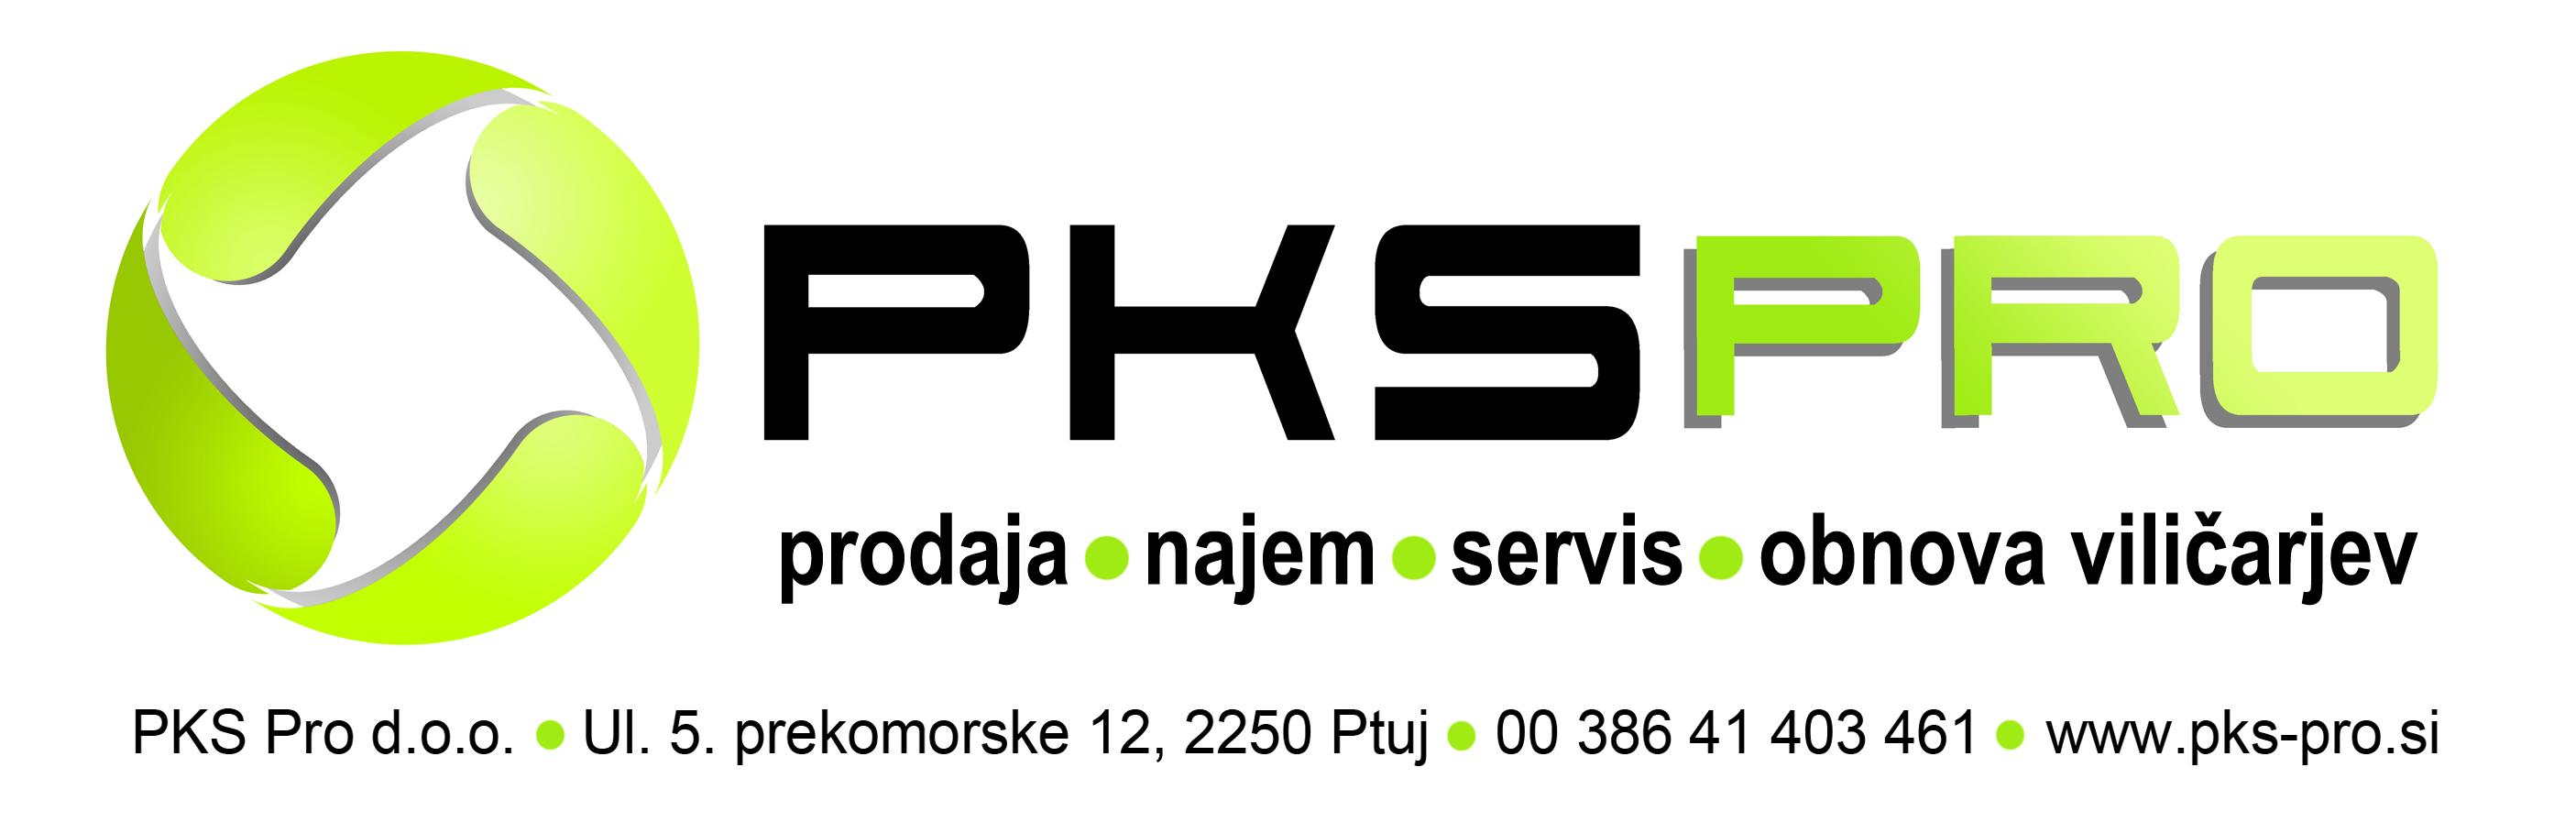 logo z dejavnostmi